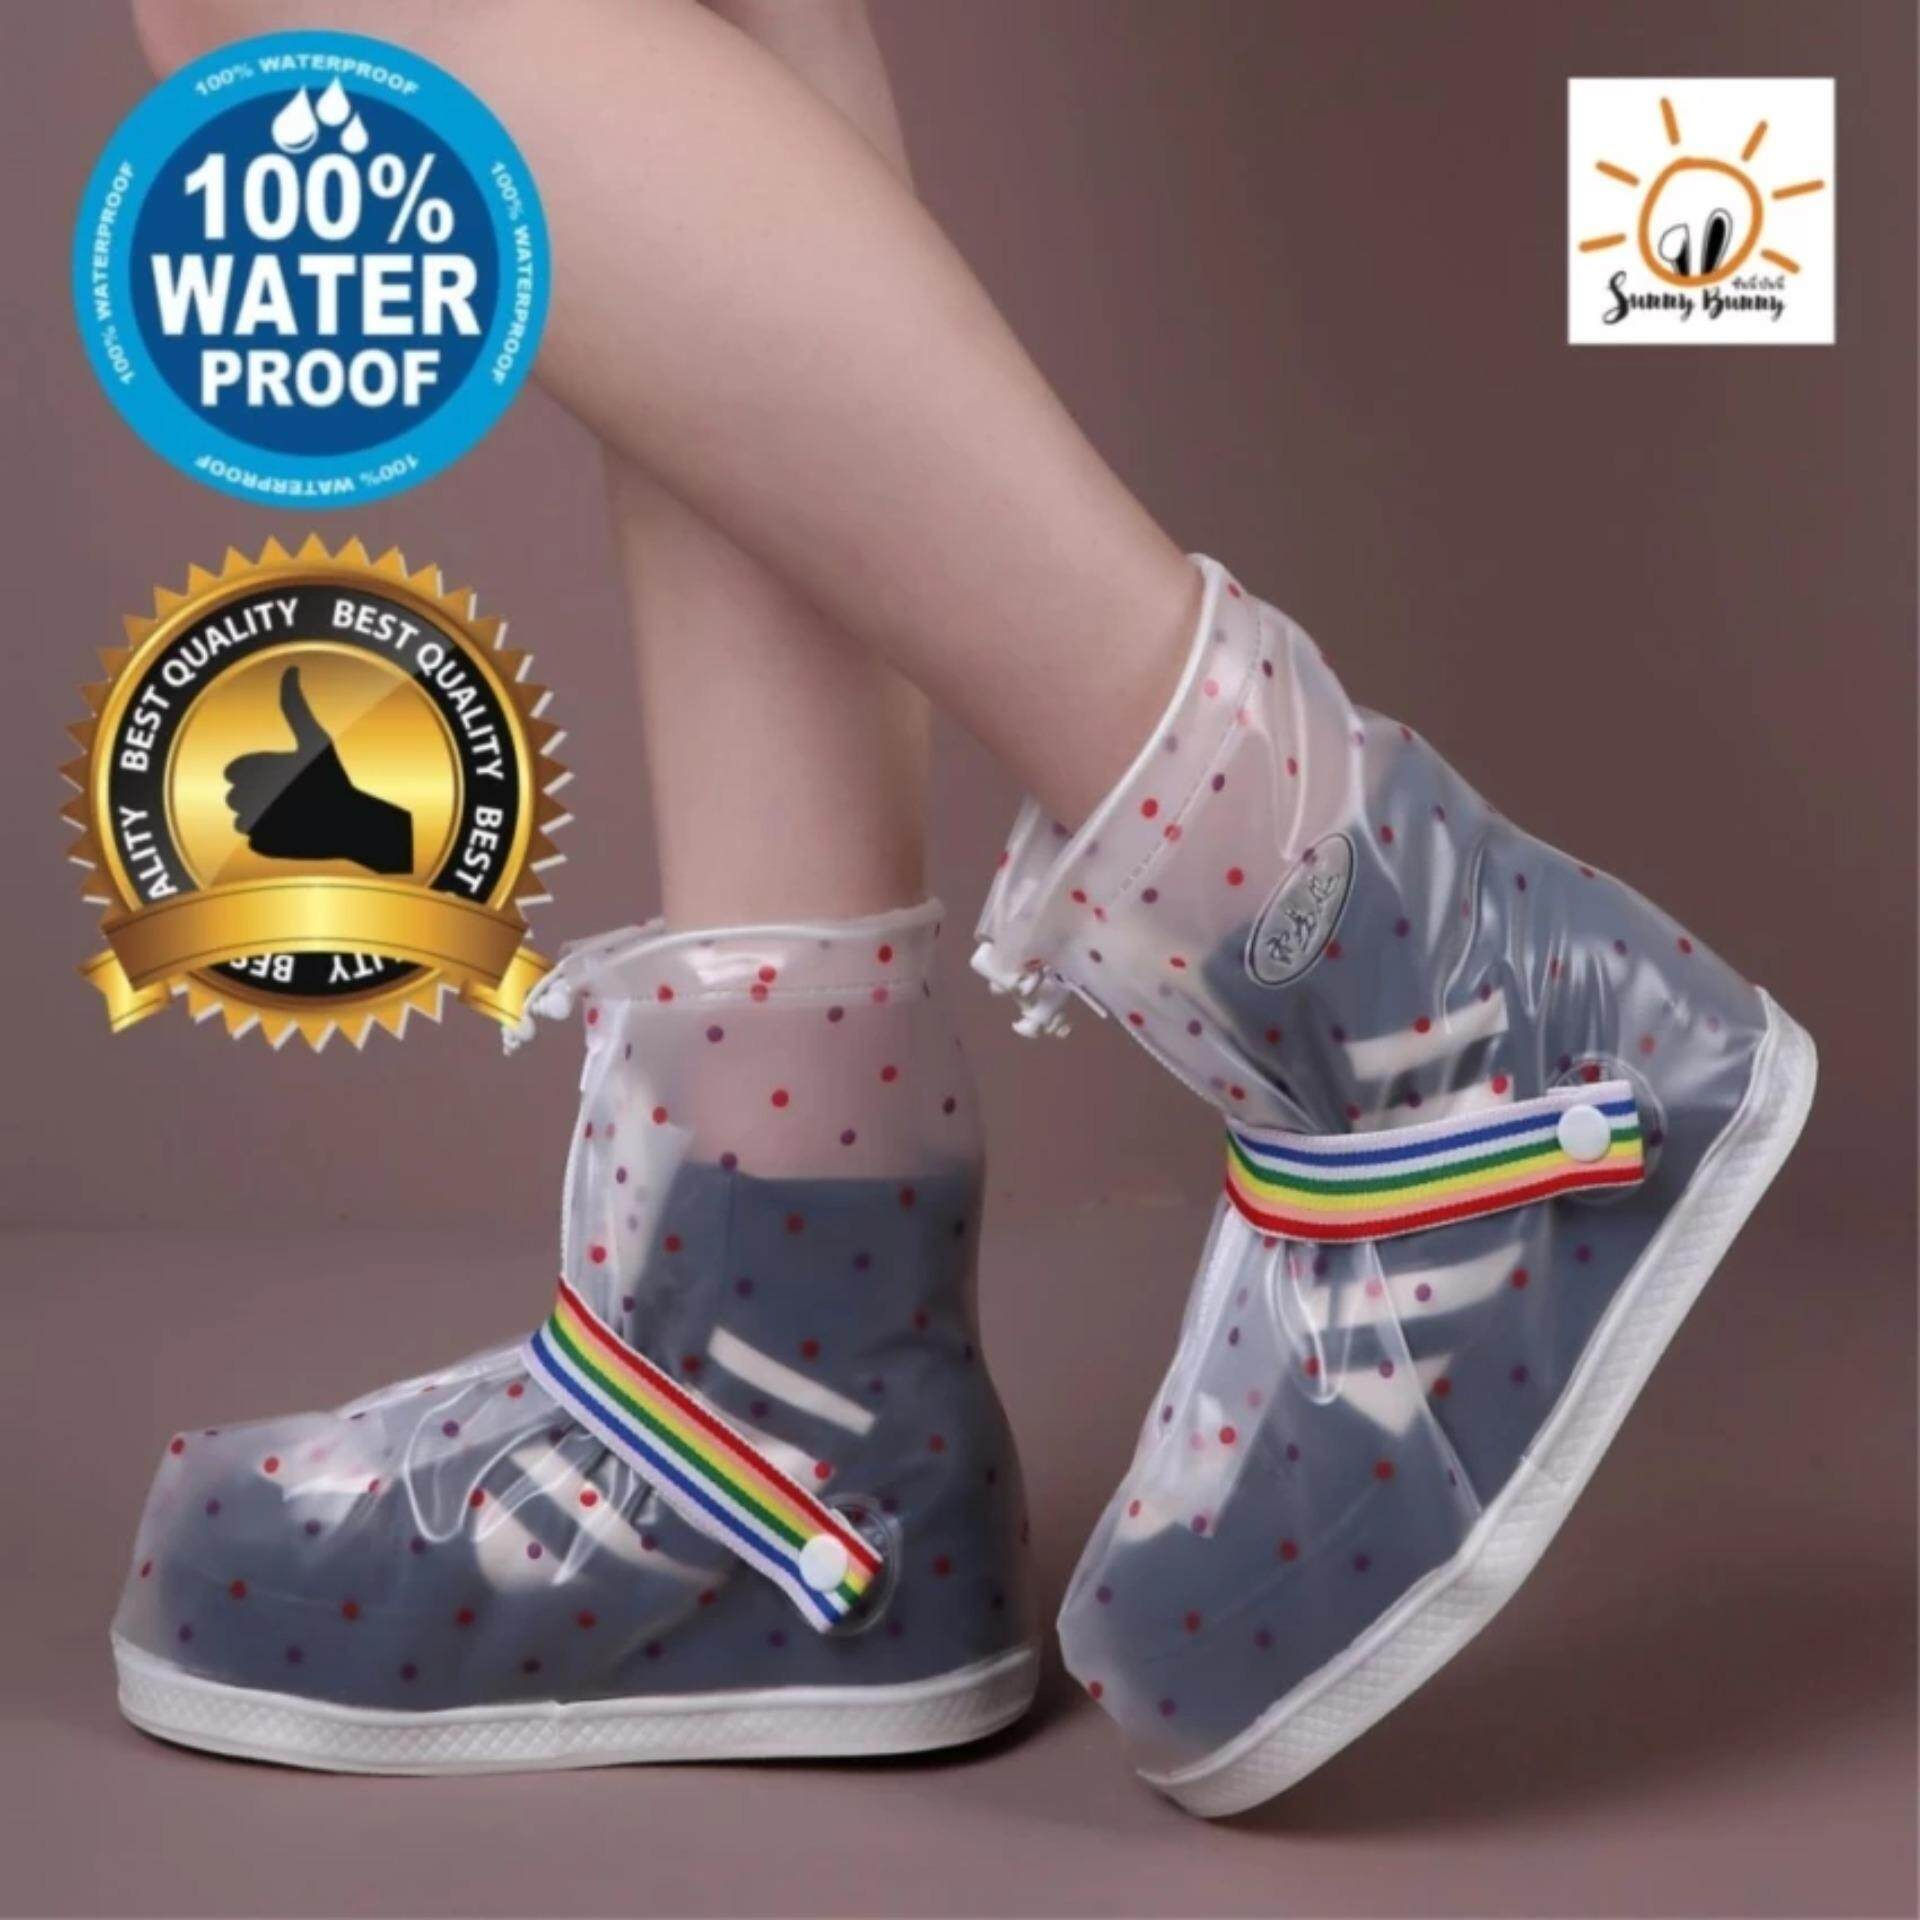 ราคา Sunnybunny ถุงคลุมรองเท้ากันน้ำ กันฝน ลายจุด H 352 เป็นต้นฉบับ